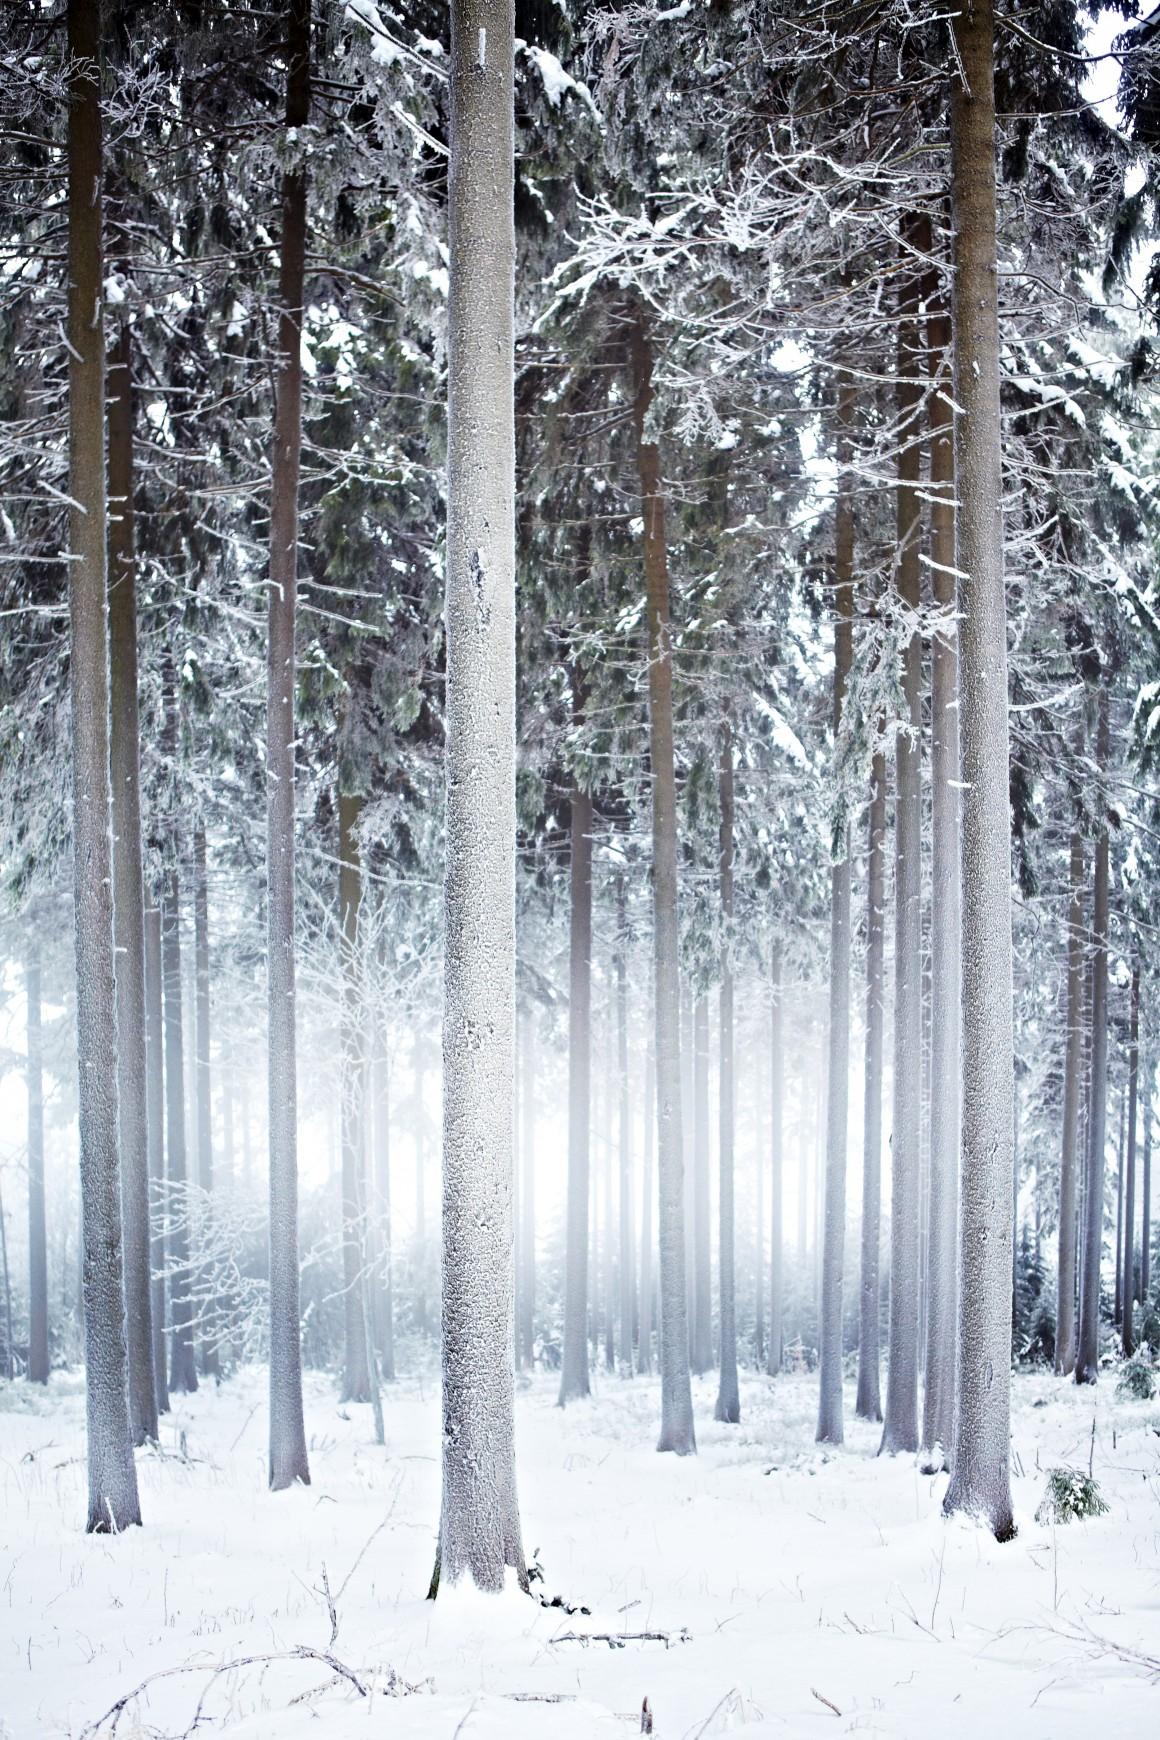 ALEMANHA, Floresta de Turíngia